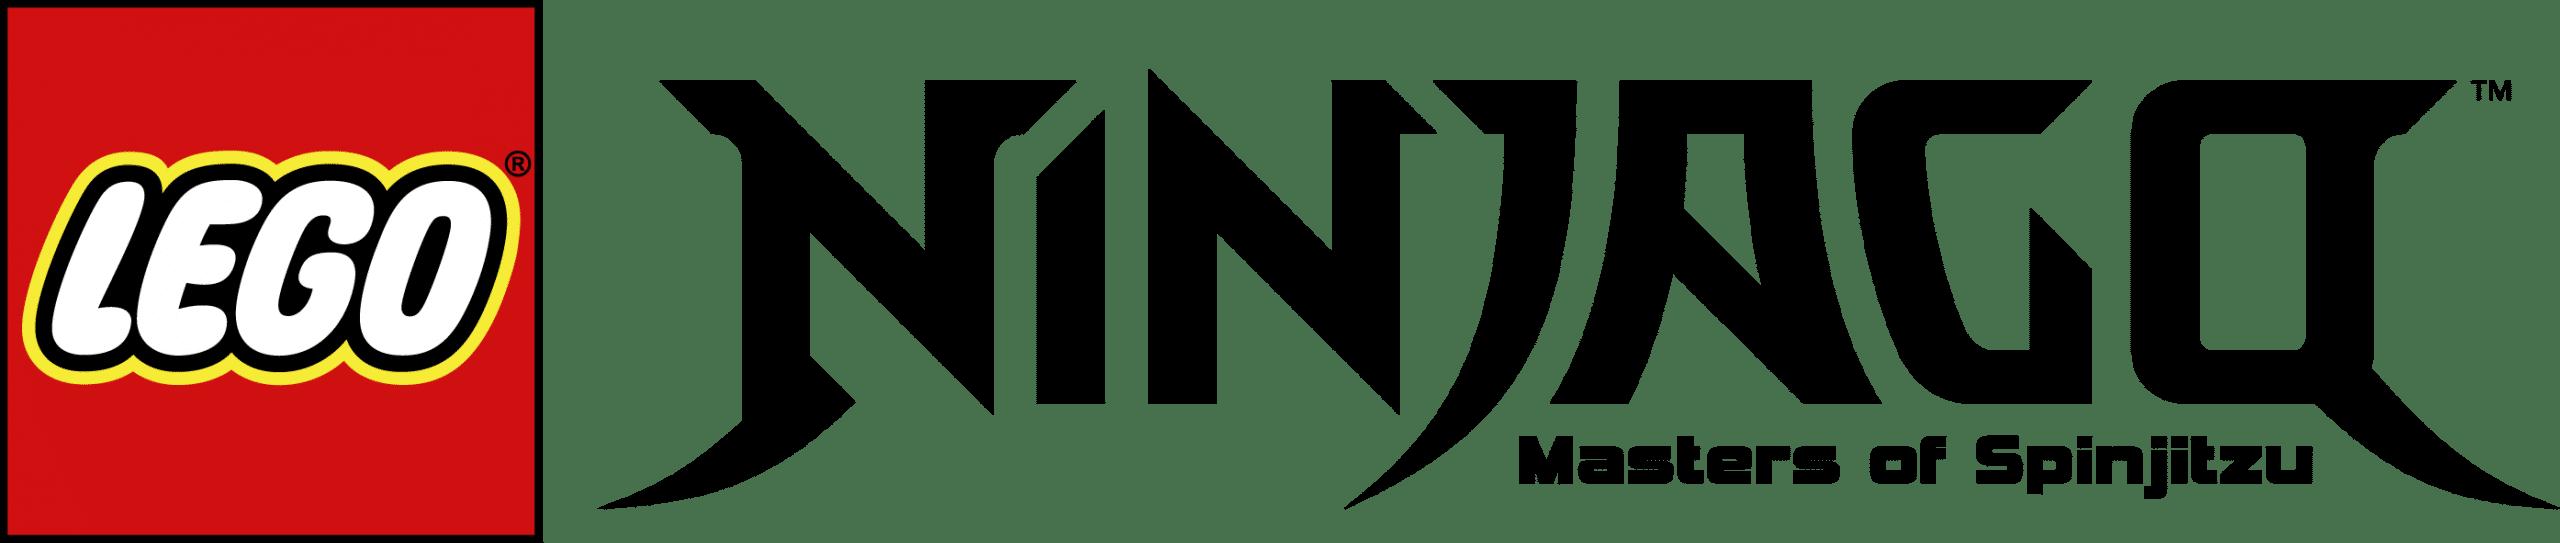 לגו נינג'גו - LEGO Ninjago